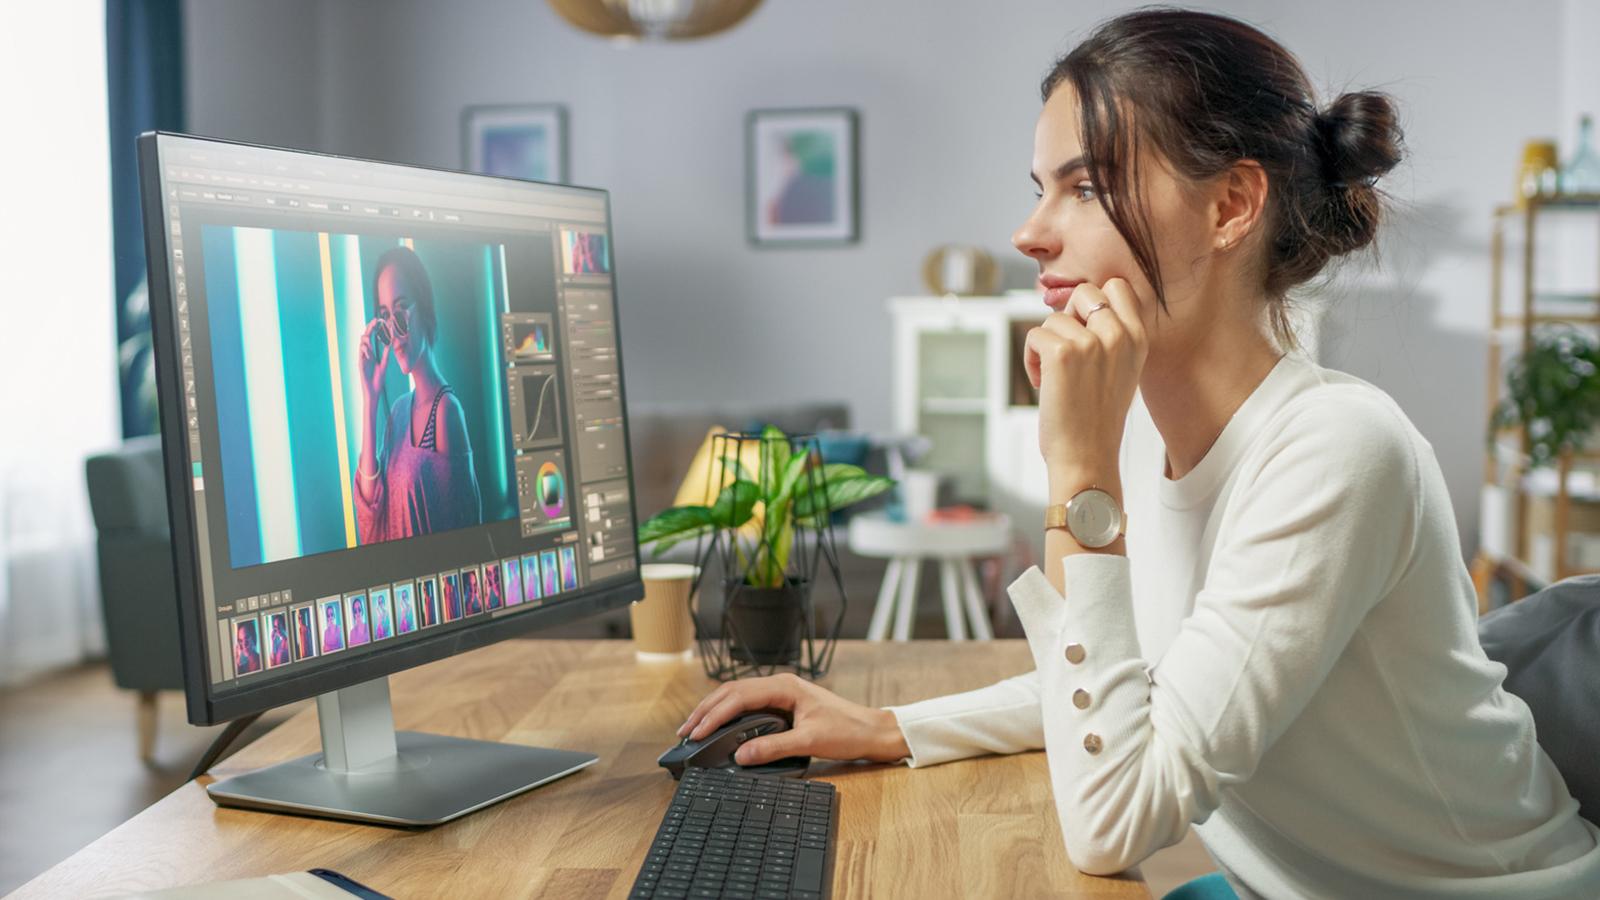 hogyan lehet pénzt keresni számítógépen keresztül